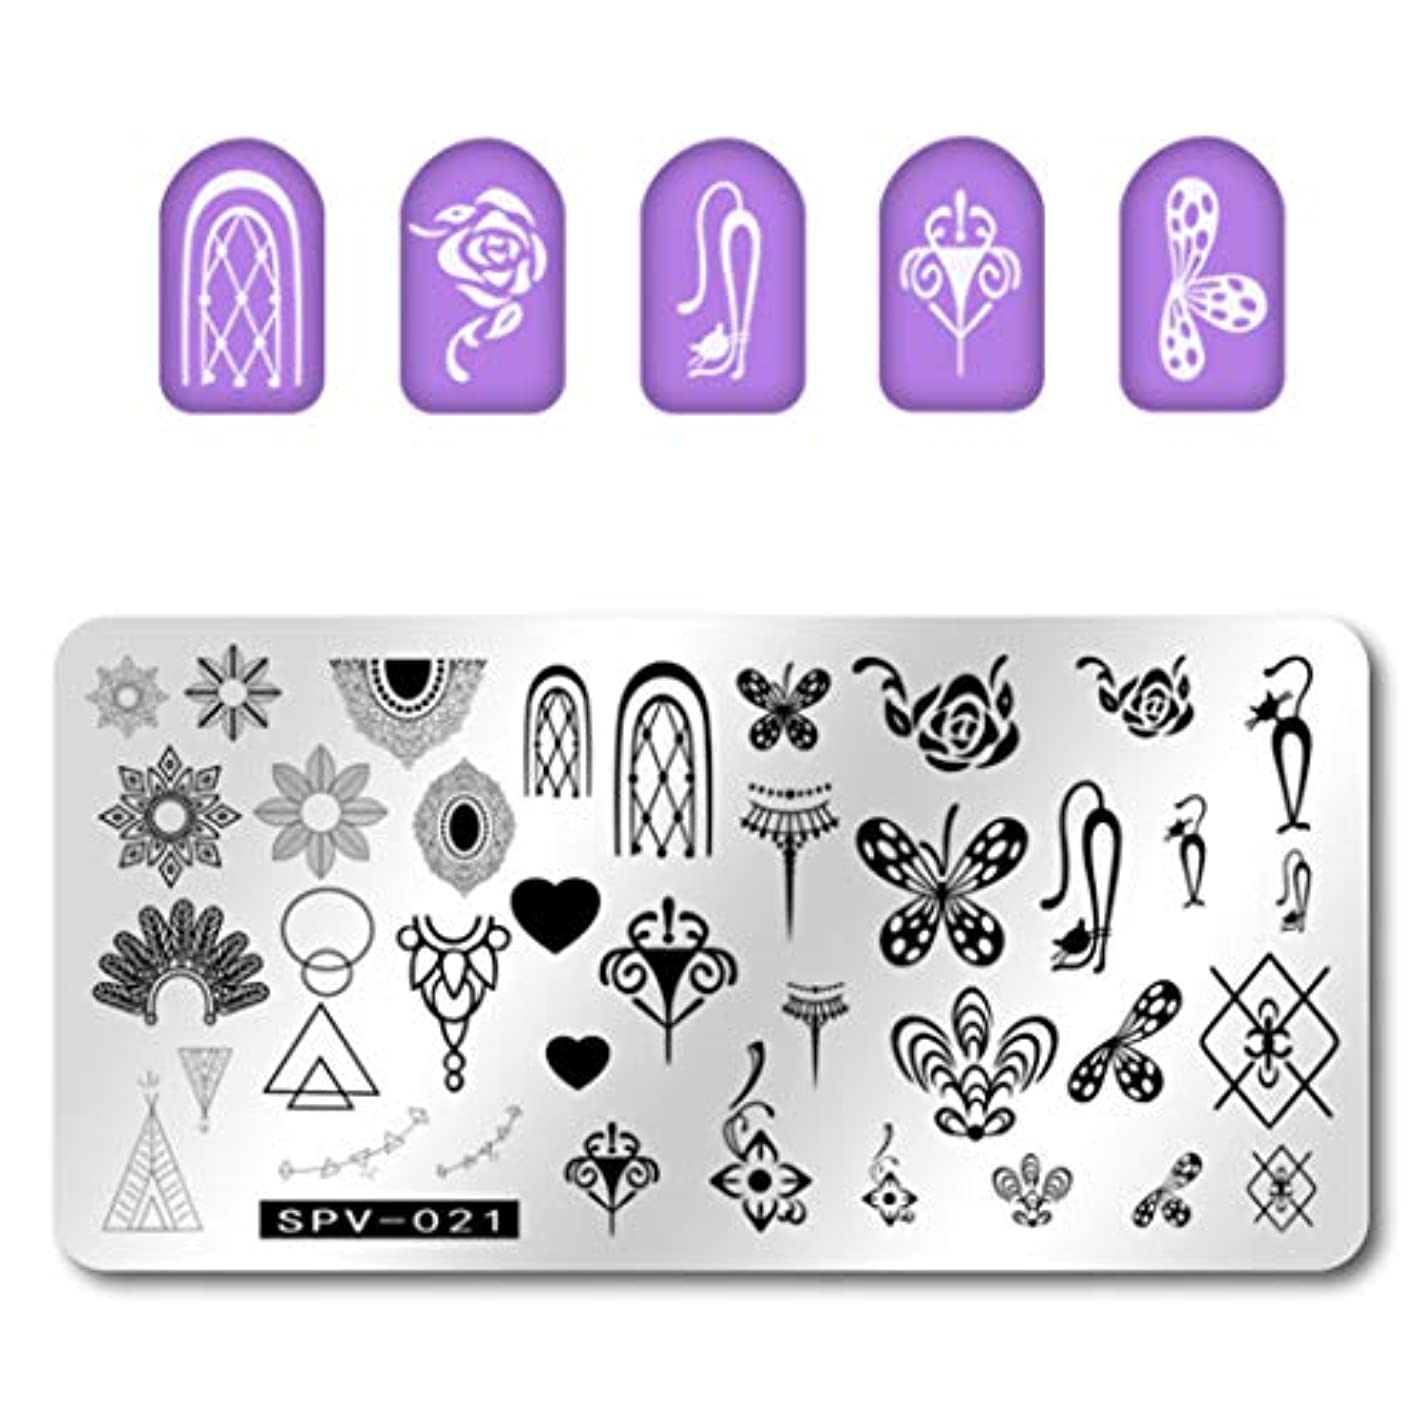 受信仮称キャビンYoshilimen 1Pcs New Stainless Steel Flower Emoji Star DIY Nail Art Image Stamp Stamping Plates Manicure Template...